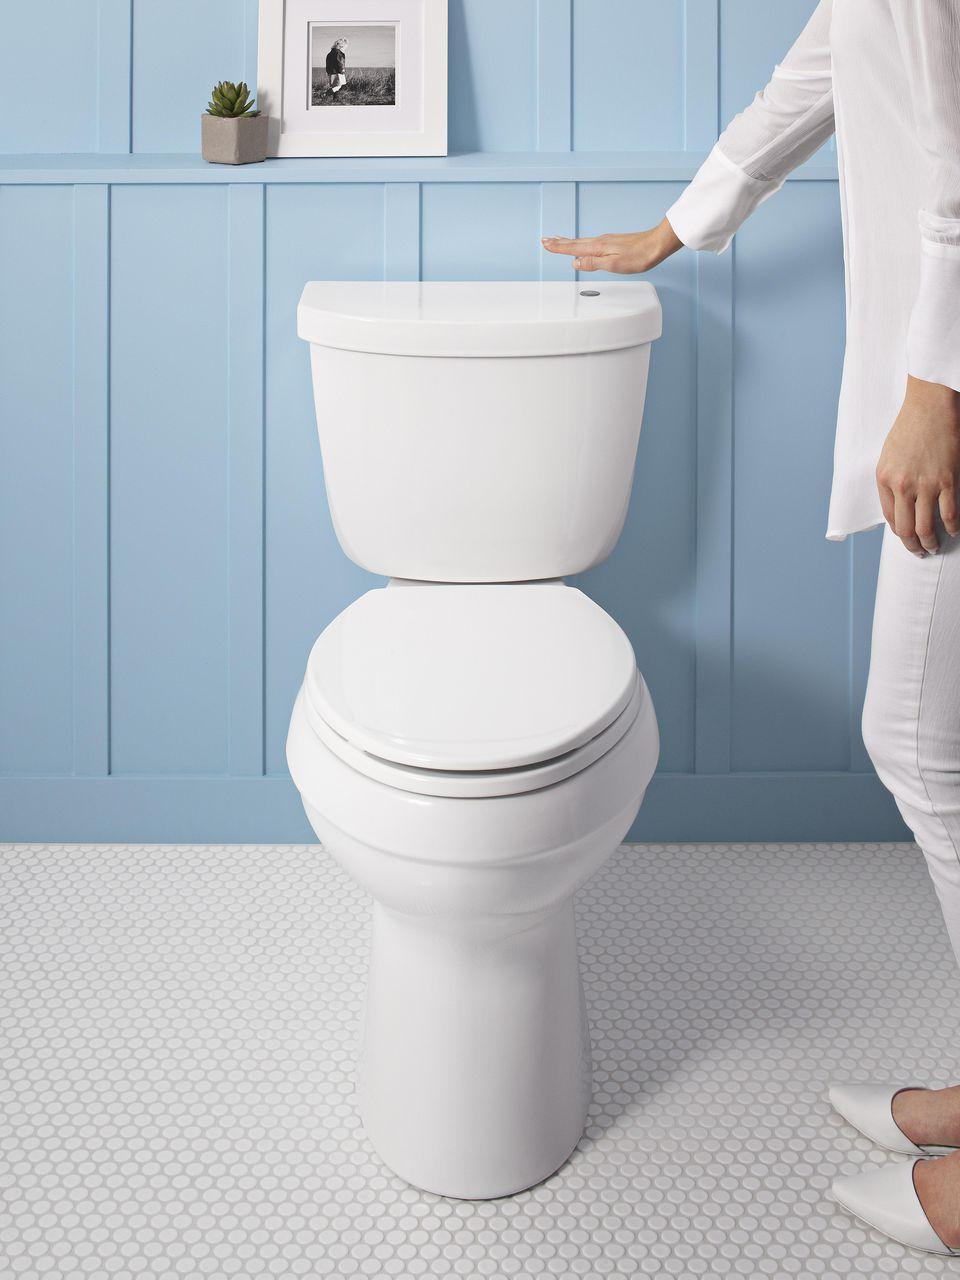 Kohler-touchless-toilet.jpg